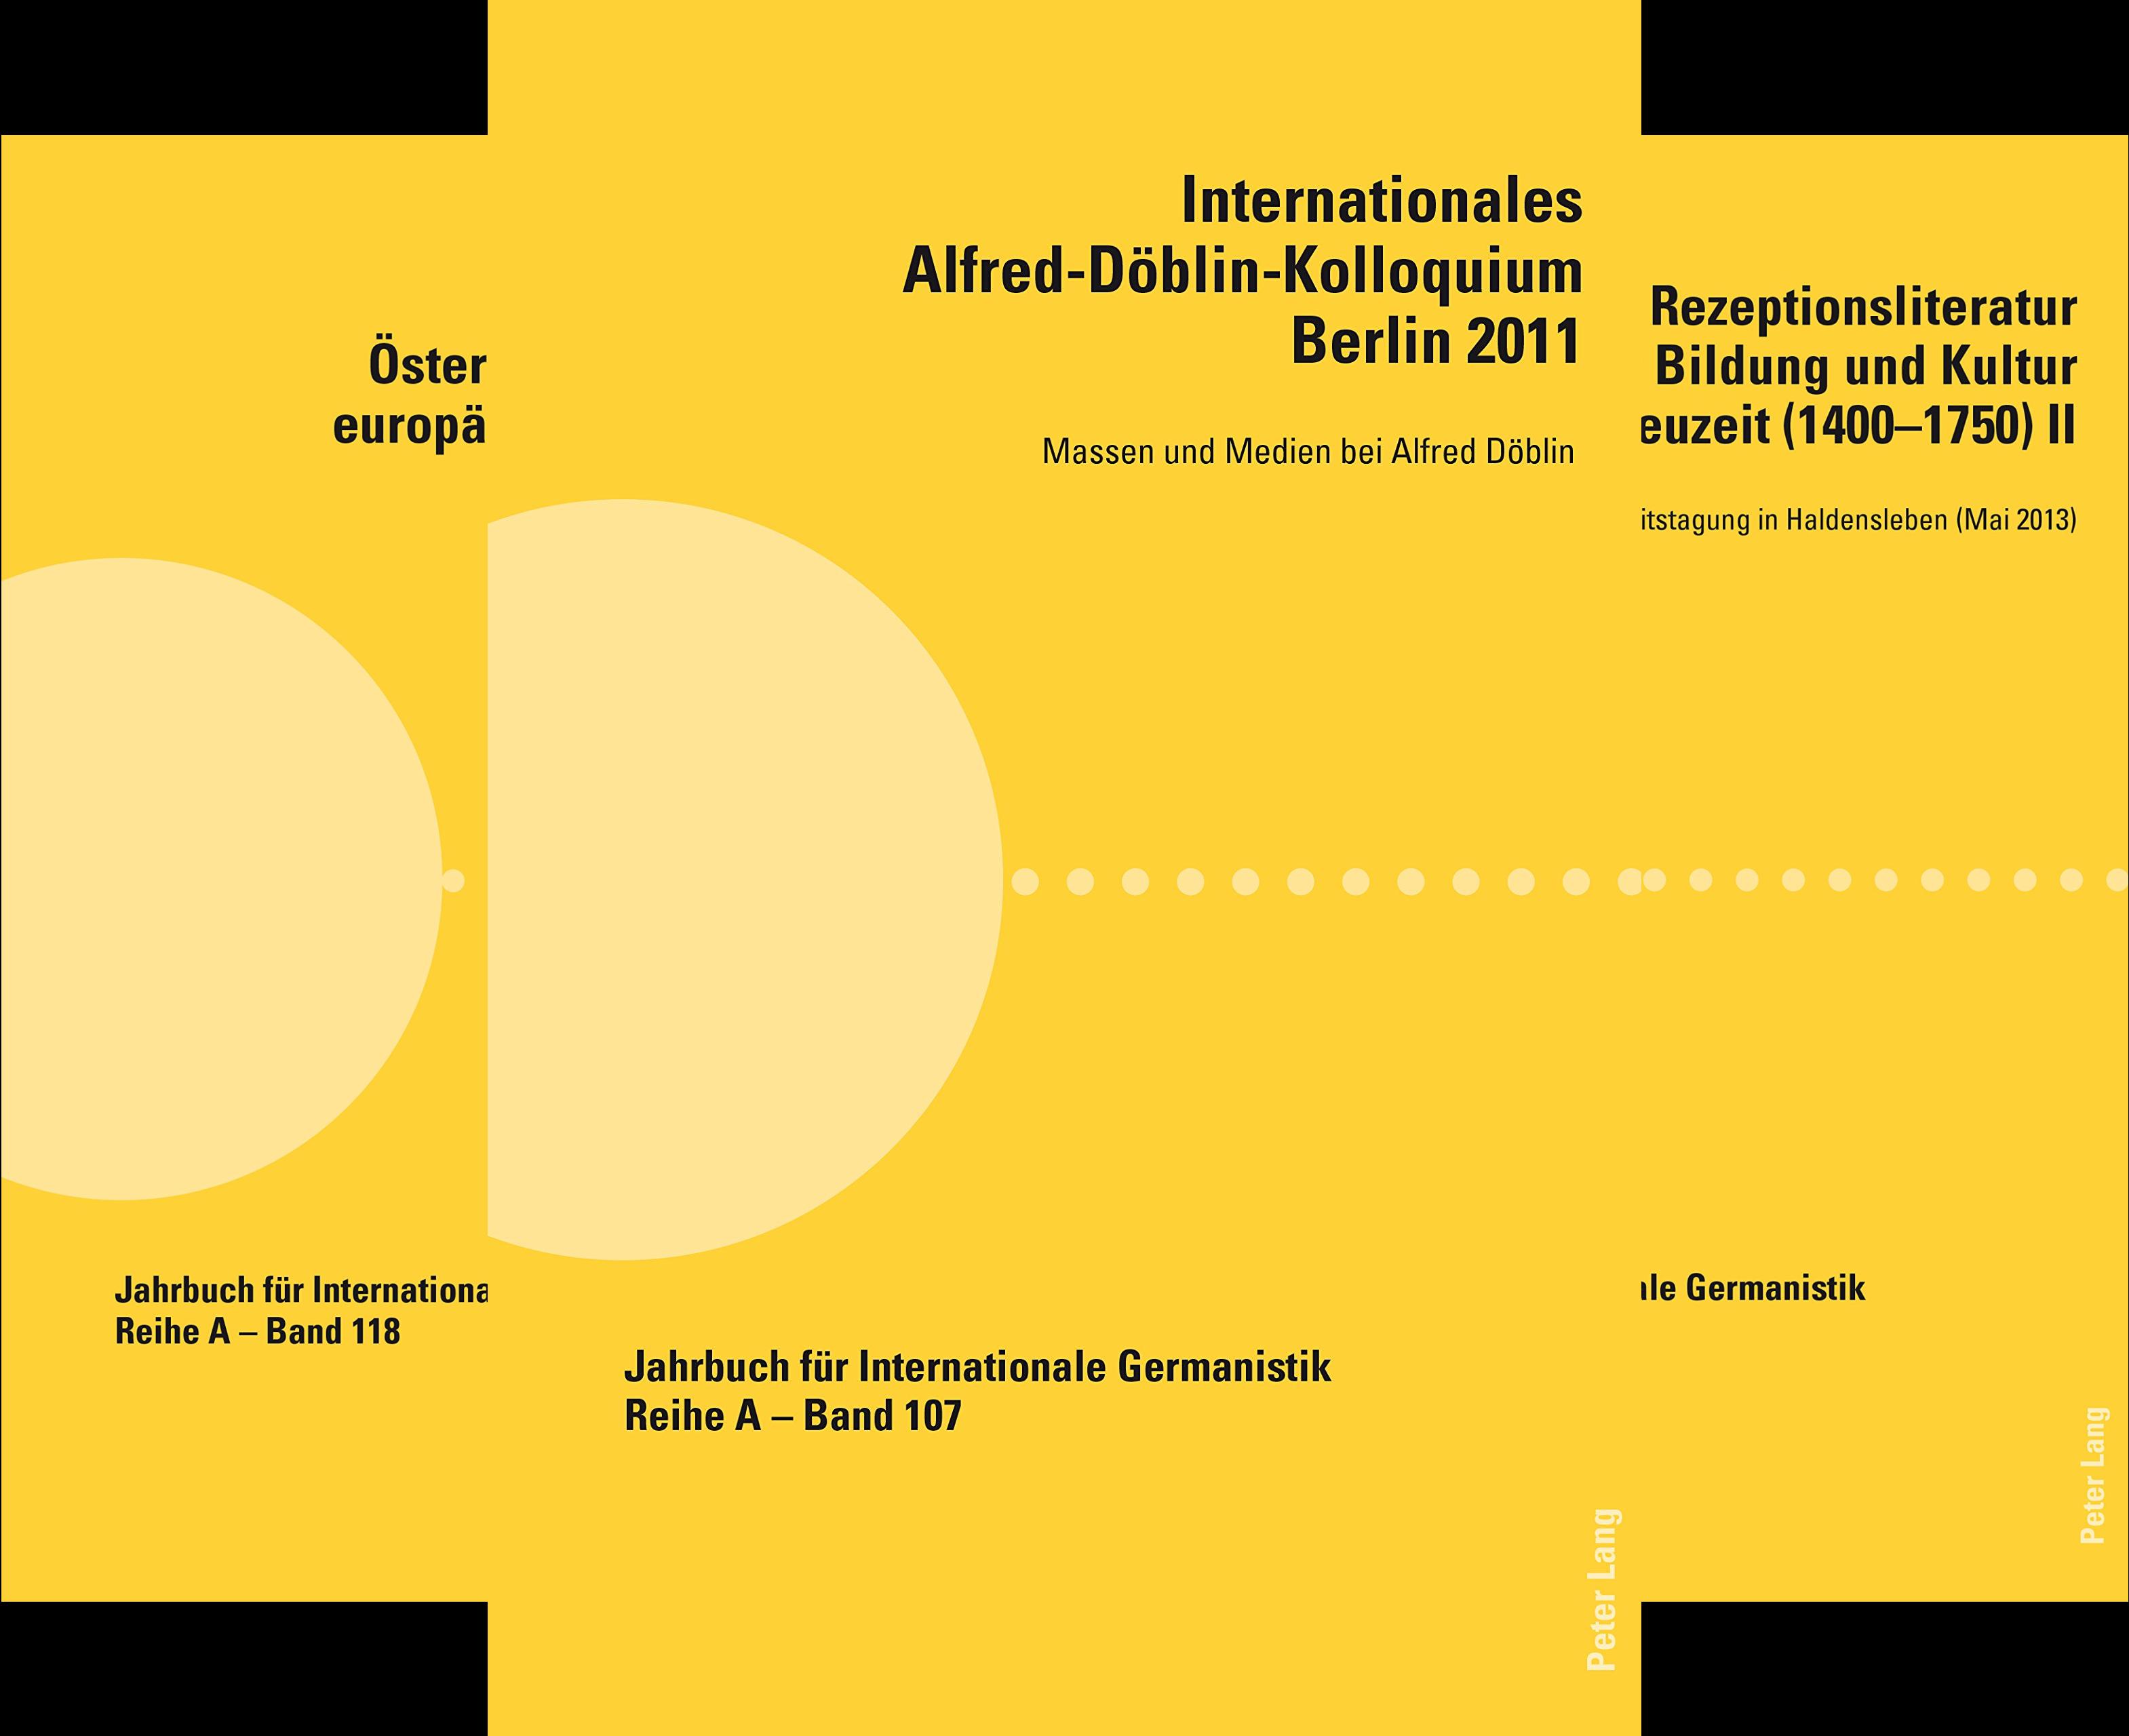 Jahrbuch für Internationale Germanistik (Reihe in 27 Bänden)